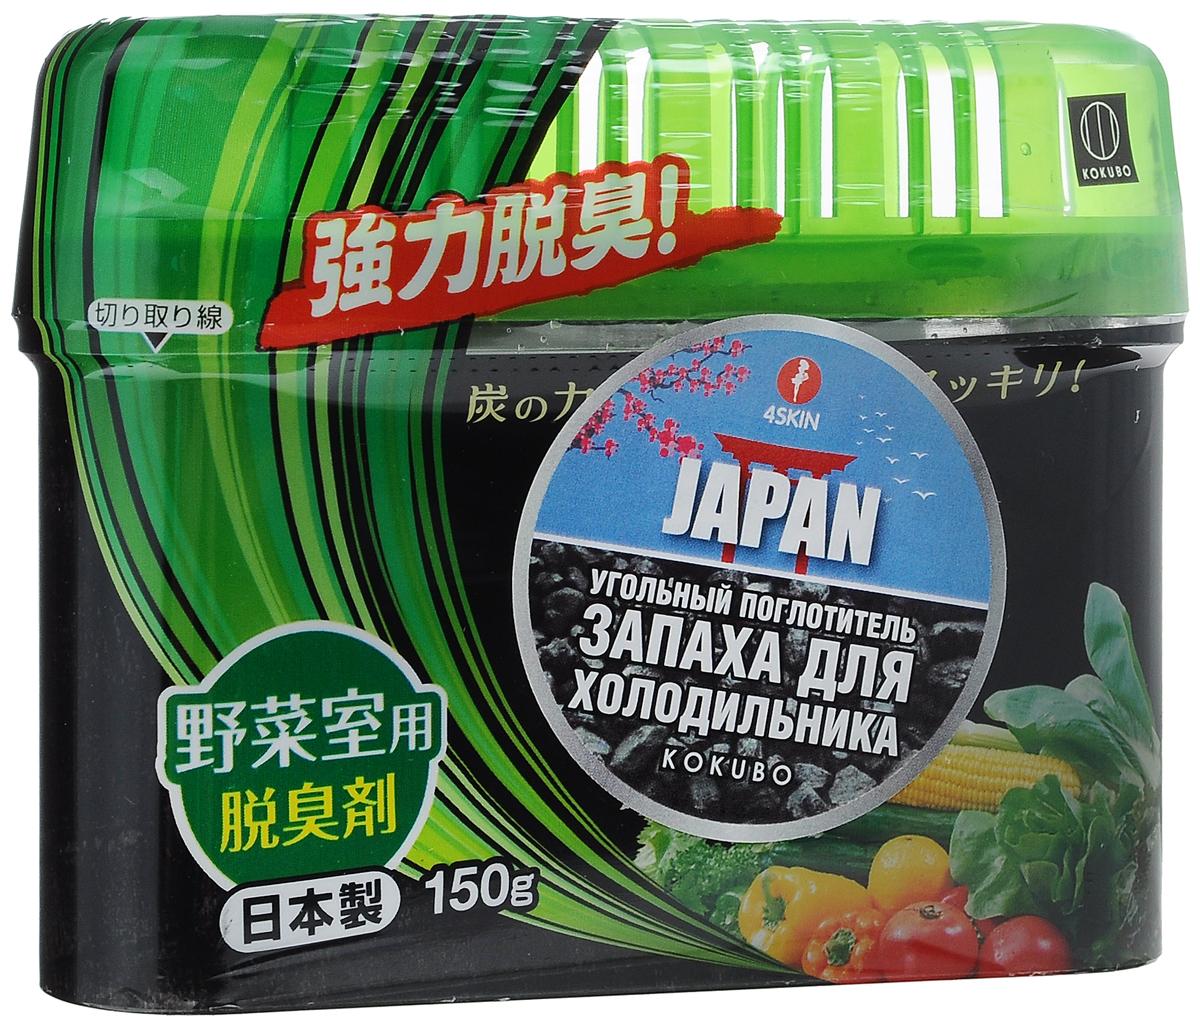 Поглотитель запаха для холодильника KOKUBO Sumi-Ban, для овощной полки, 150 г98299571Поглотитель запаха для холодильника KOKUBO Sumi-Ban поглощает неприятные запахи, даже очень резкие и стойкие. Идеально подходит для использования на овощной полке холодильника. Способствует долгому сохранению свежести и вкусовых качеств продуктов в холодильнике. Содержит древесный уголь, благодаря которому обеспечивается длительный антибактериальный эффект. Продолжительность действия до 2-х месяцев при объеме холодильника до 450-ти литров. Состав: очищенная вода, гелиевый наполнитель, древесный уголь, активированный уголь. Вес: 150 г.